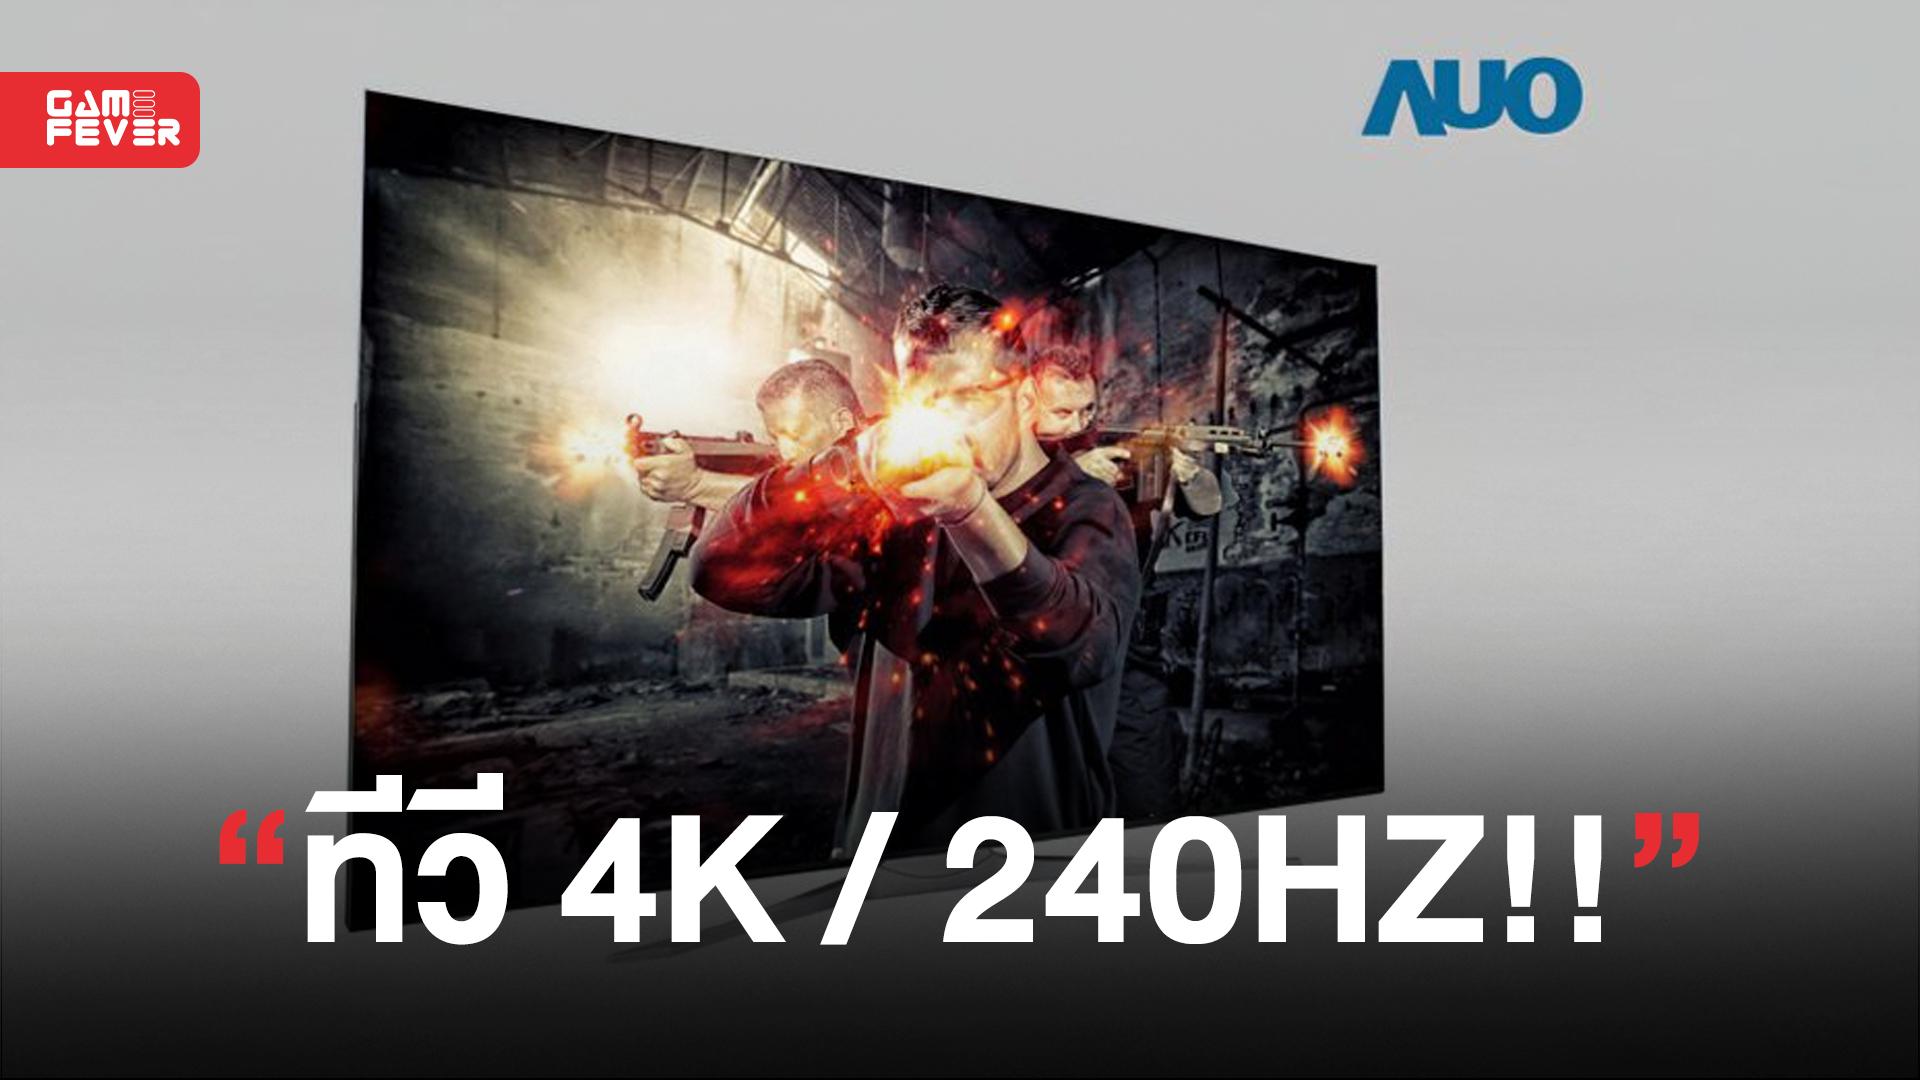 AU Optronics เปิดตัวทีวี 85 นิ้ว 4K / 240Hz พร้อมความถูกต้องสี 96% DCI-P3